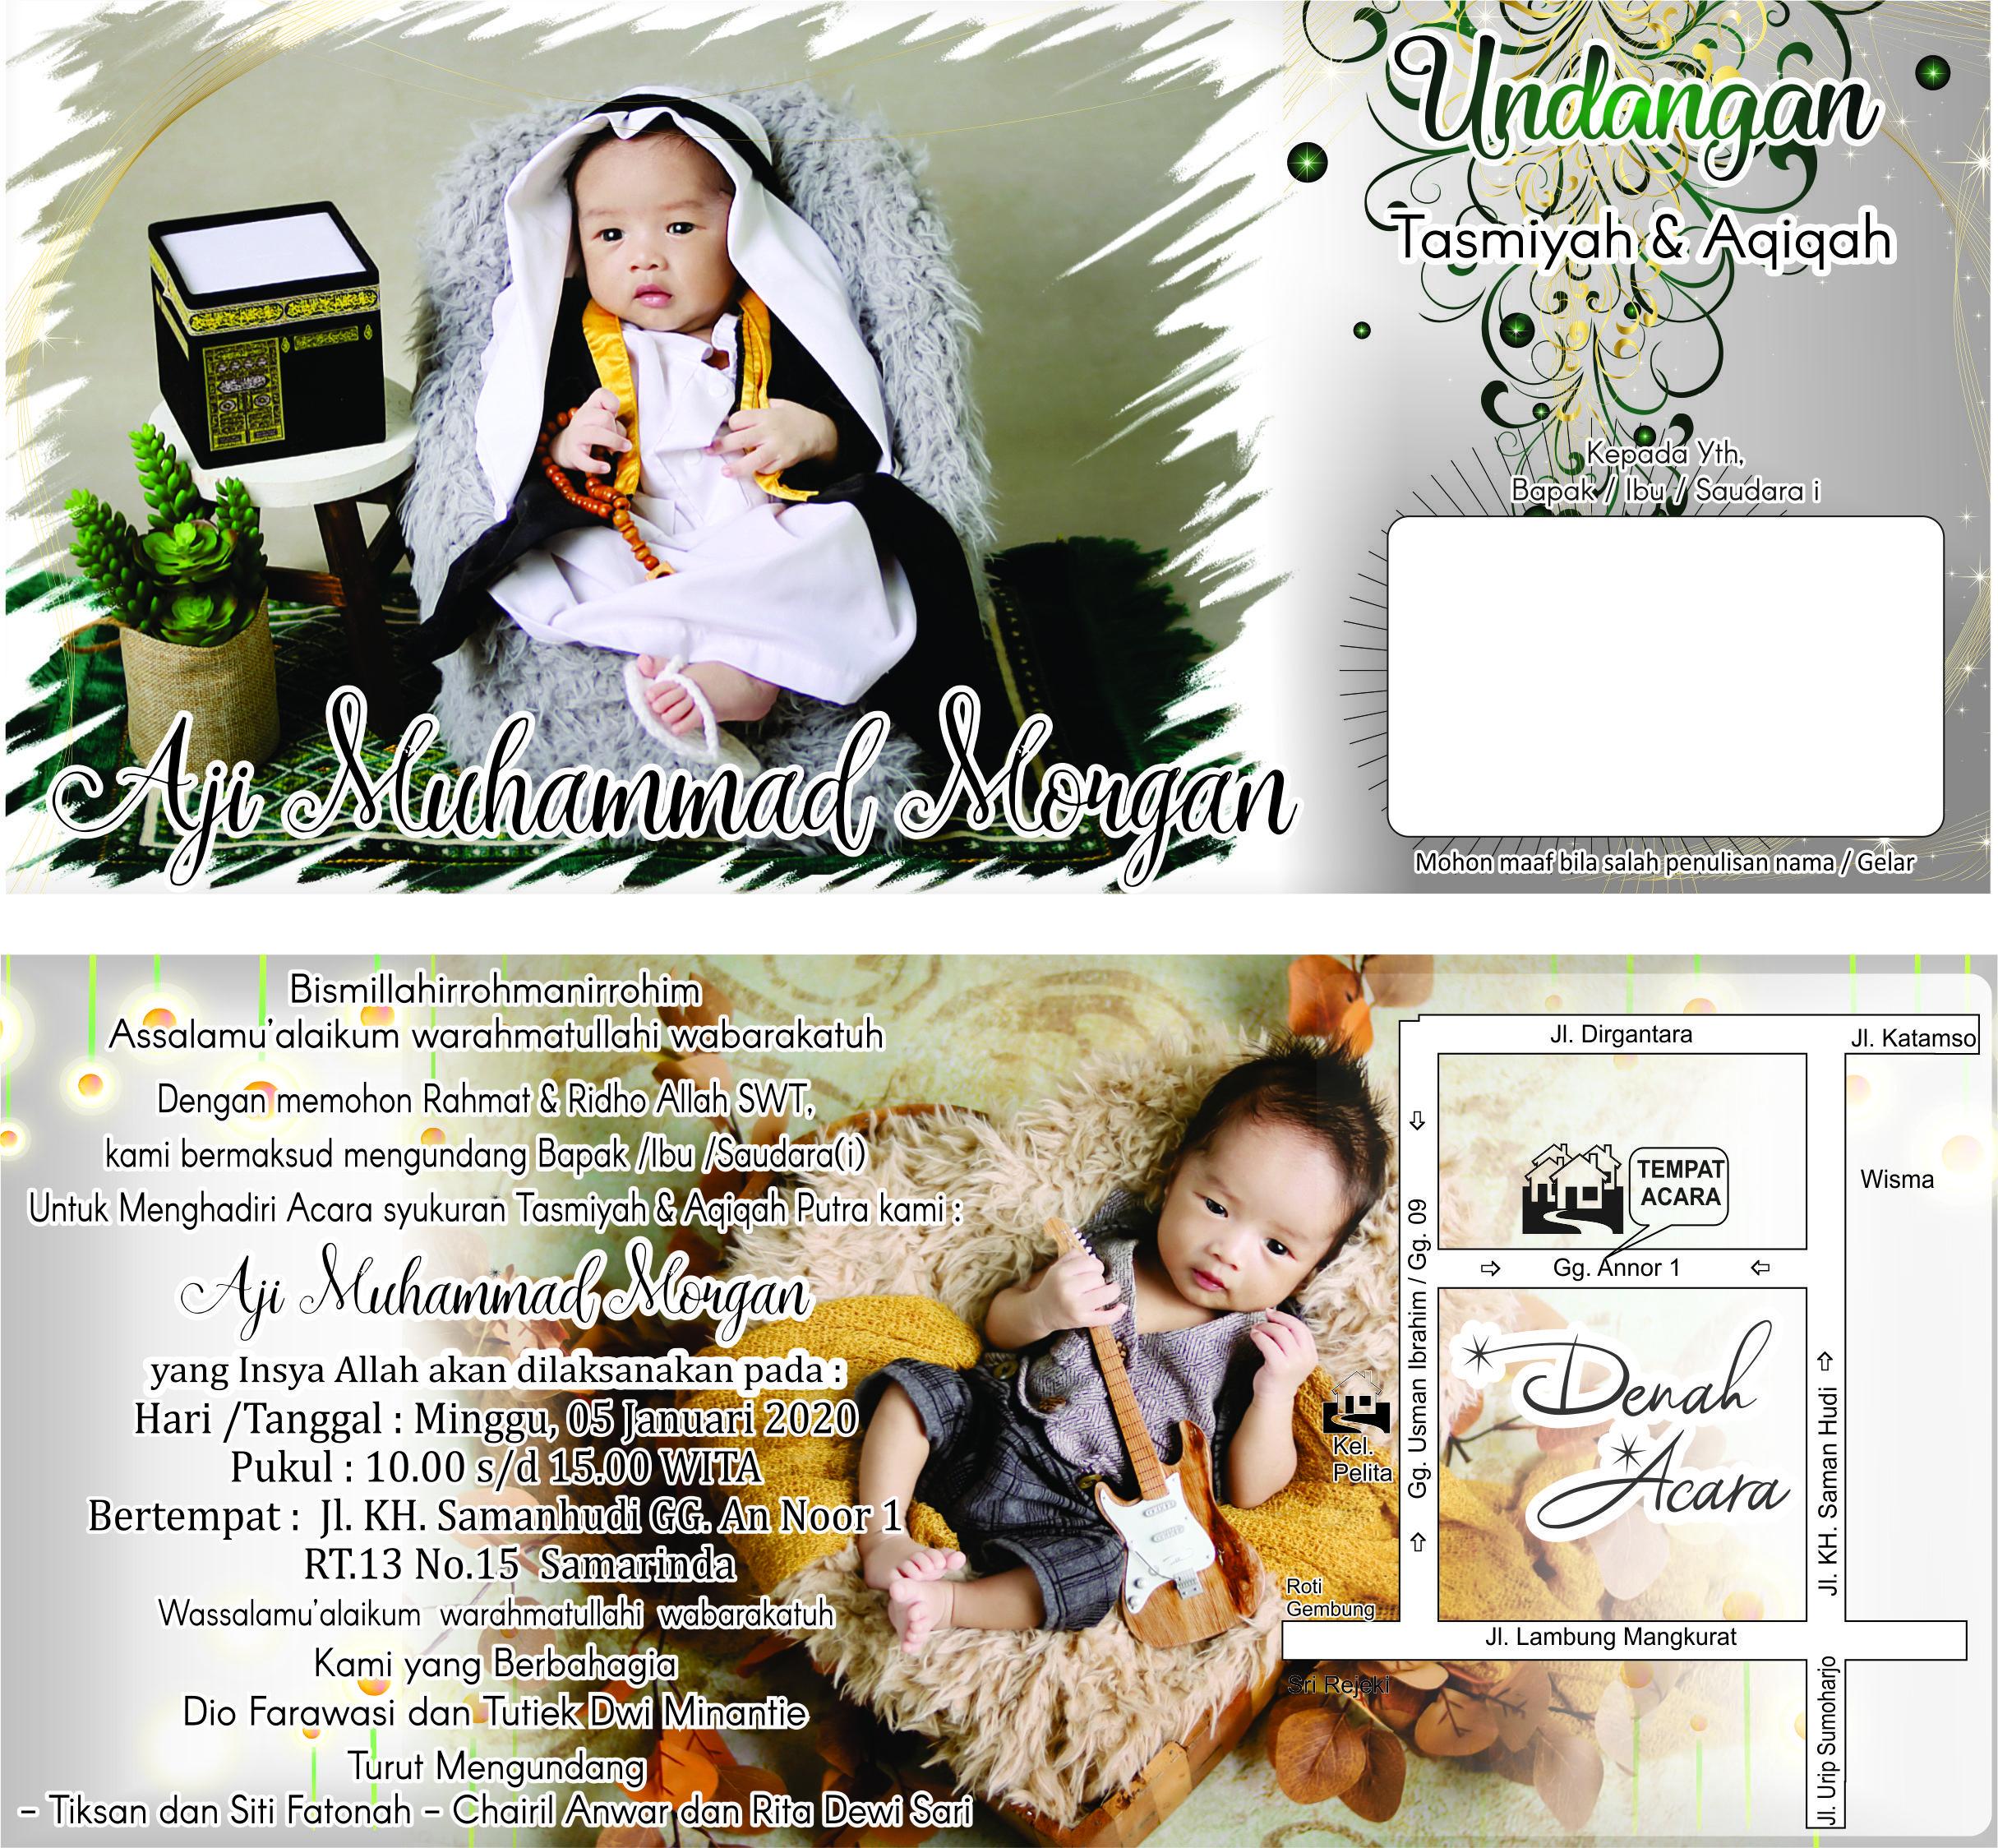 invitation tasmiyah aqiqah   Undangan, Desain undangan, Warna